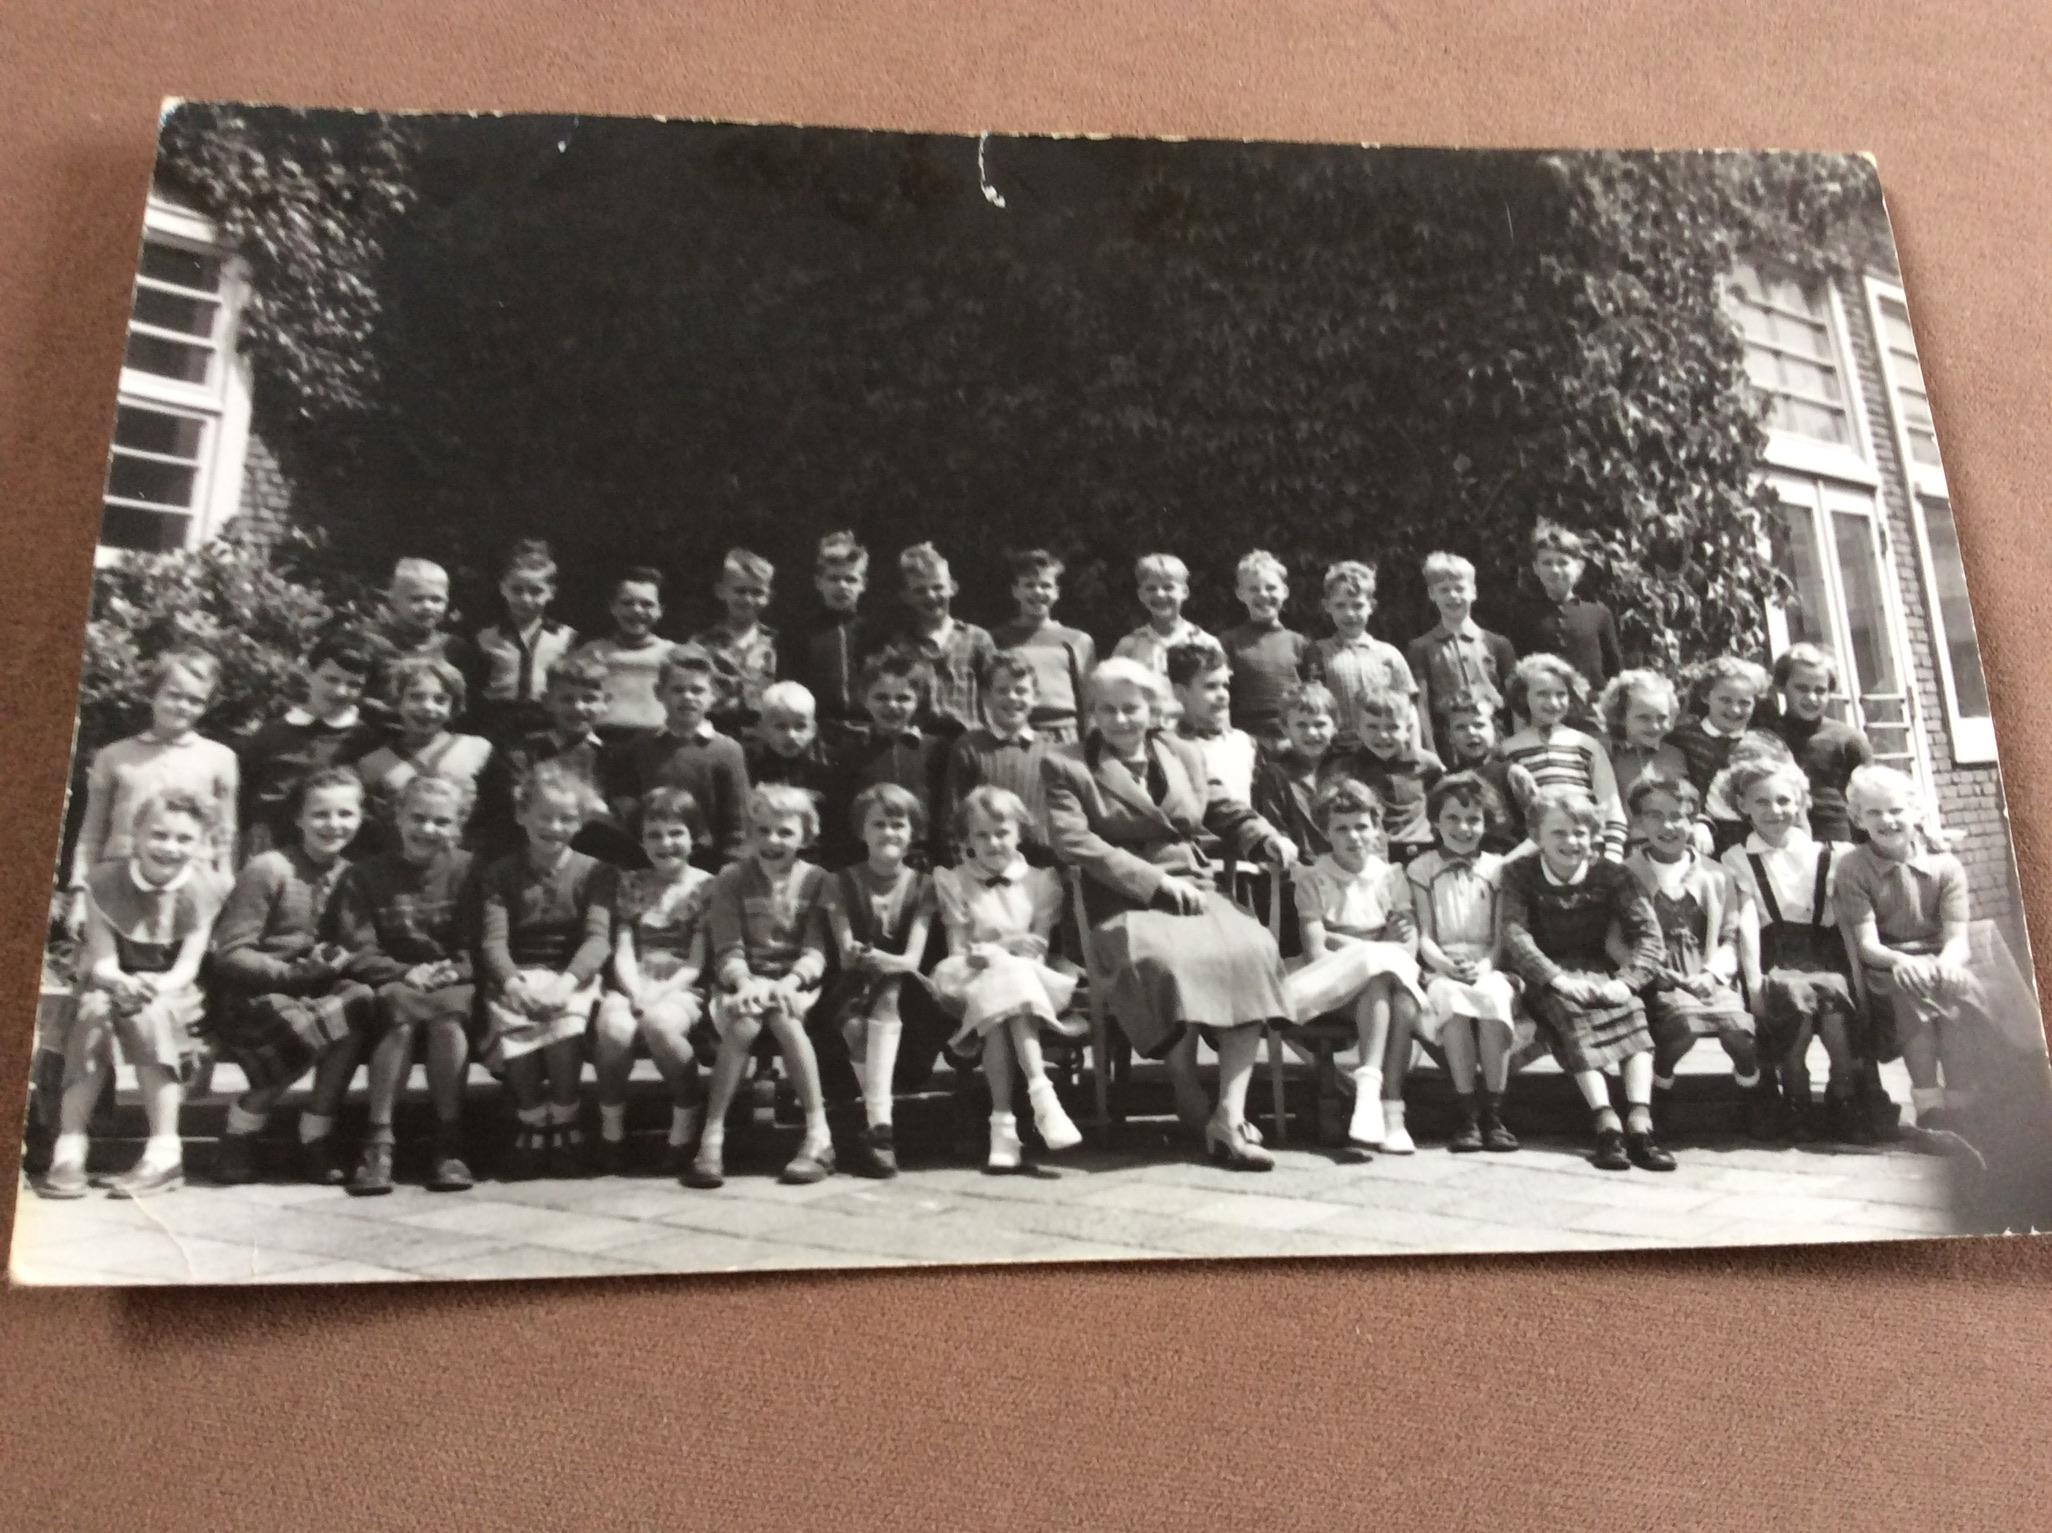 Admiralengrachtschool foto